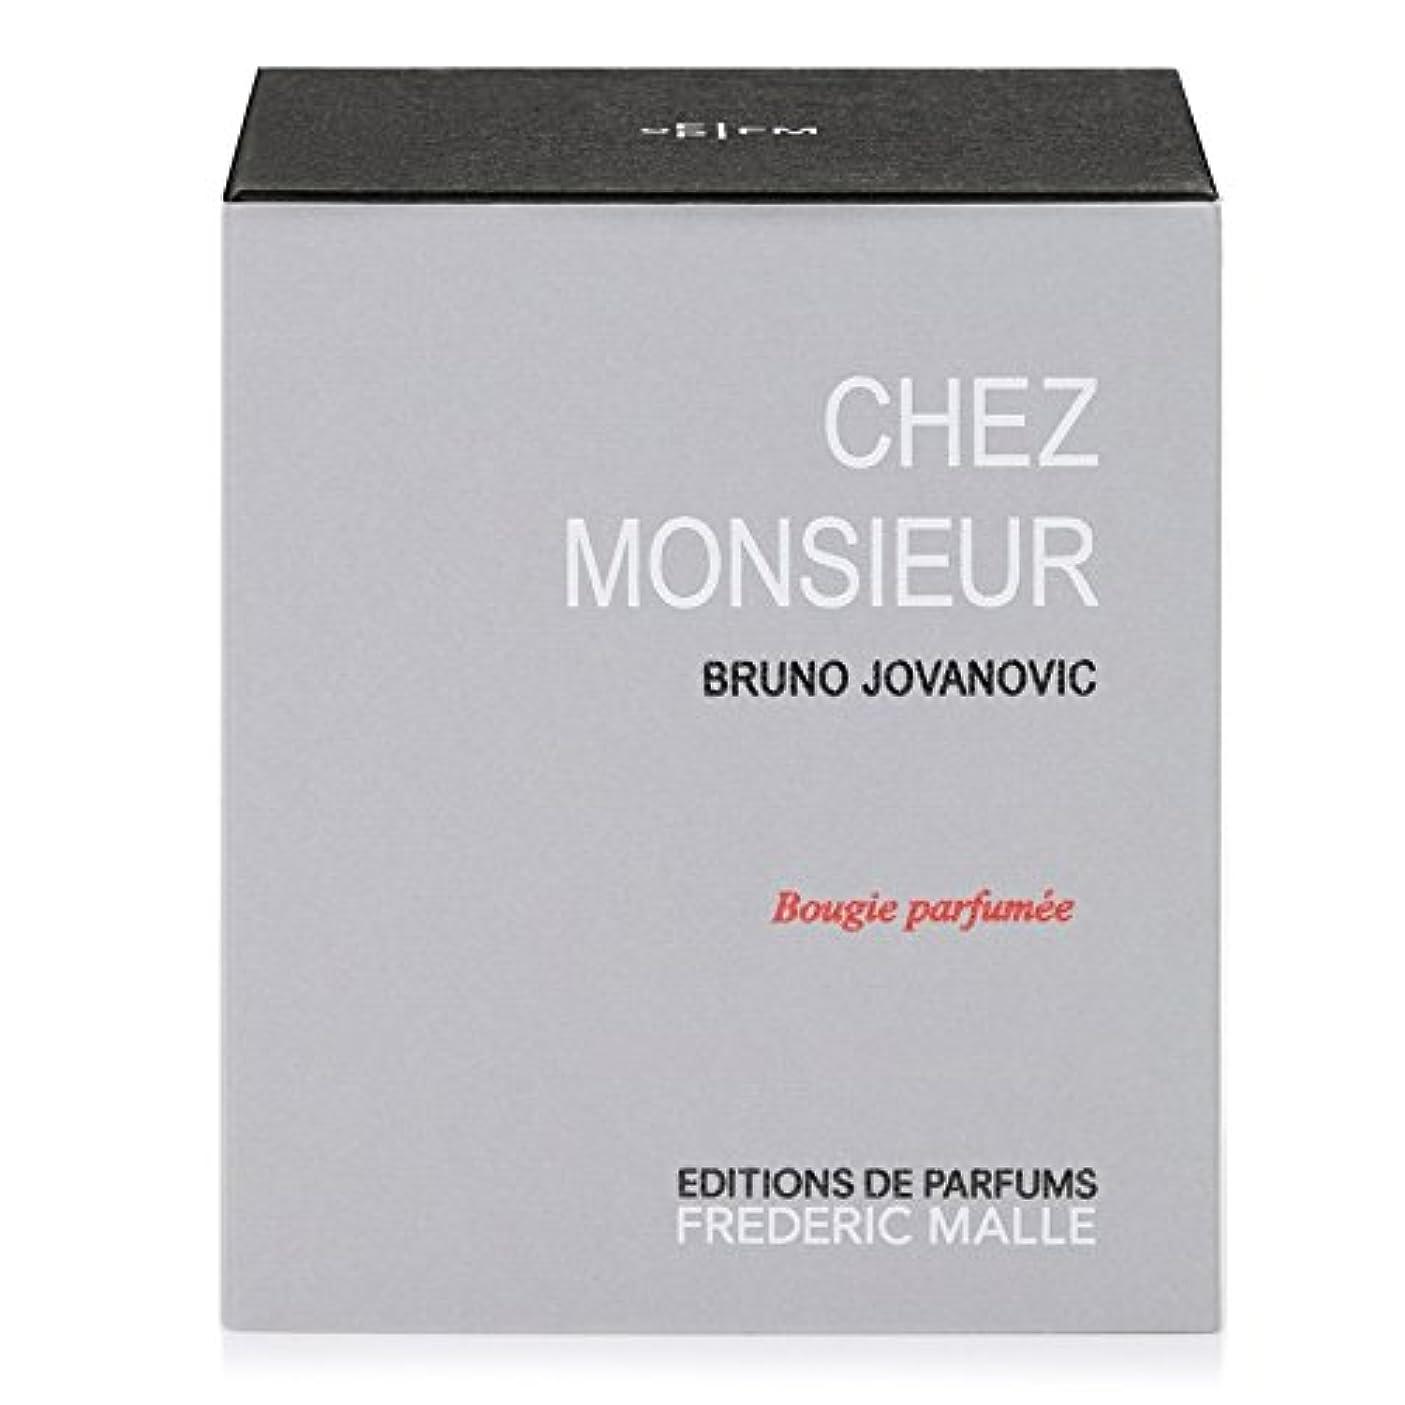 神経障害ぬれたのスコアFrederic Malle Chez Monsieur Scented Candle 220g (Pack of 4) - フレデリック?マルシェムッシュ香りのキャンドル220グラム x4 [並行輸入品]